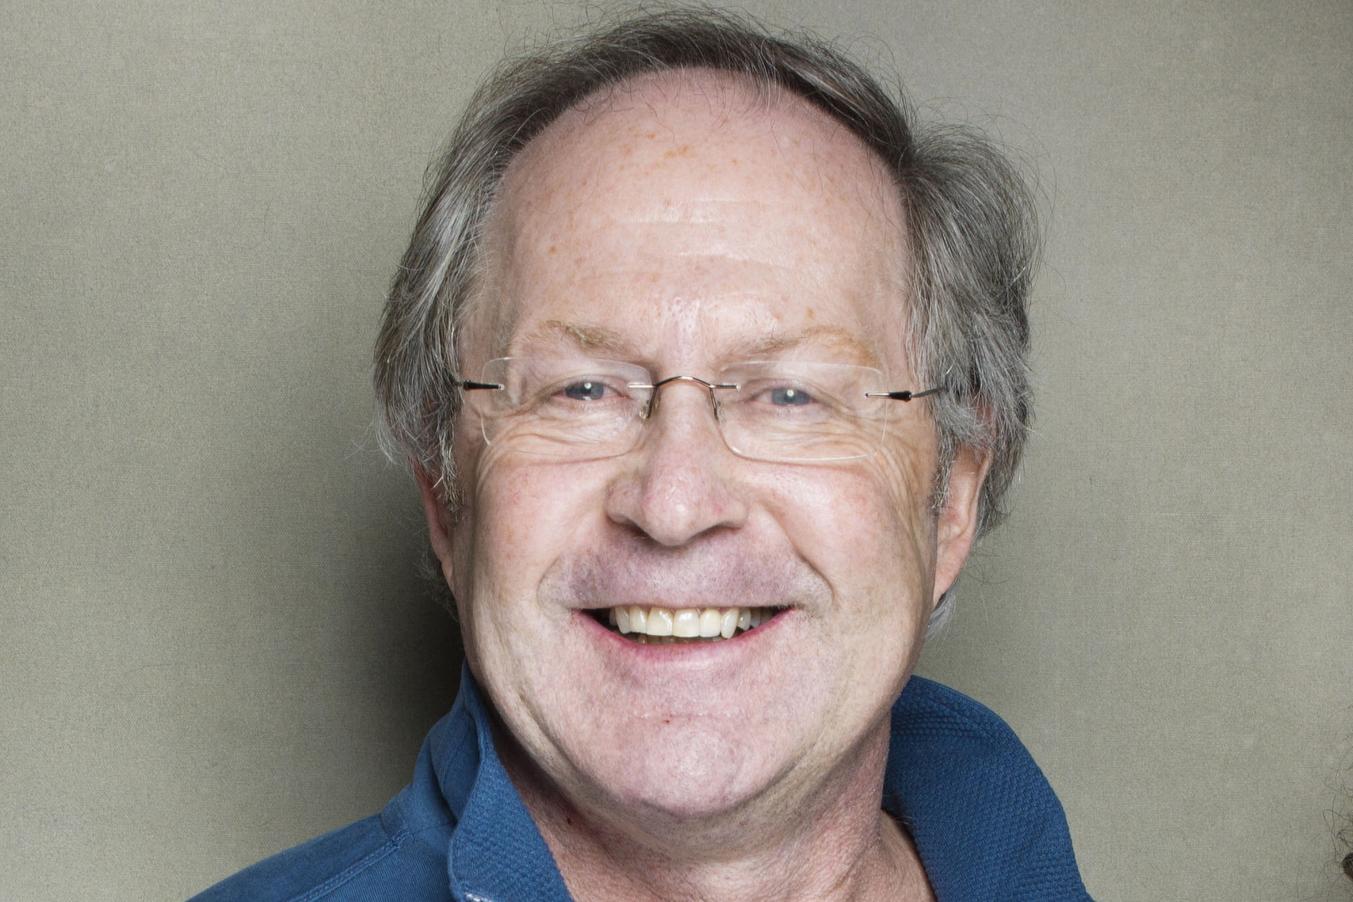 Marty Martin